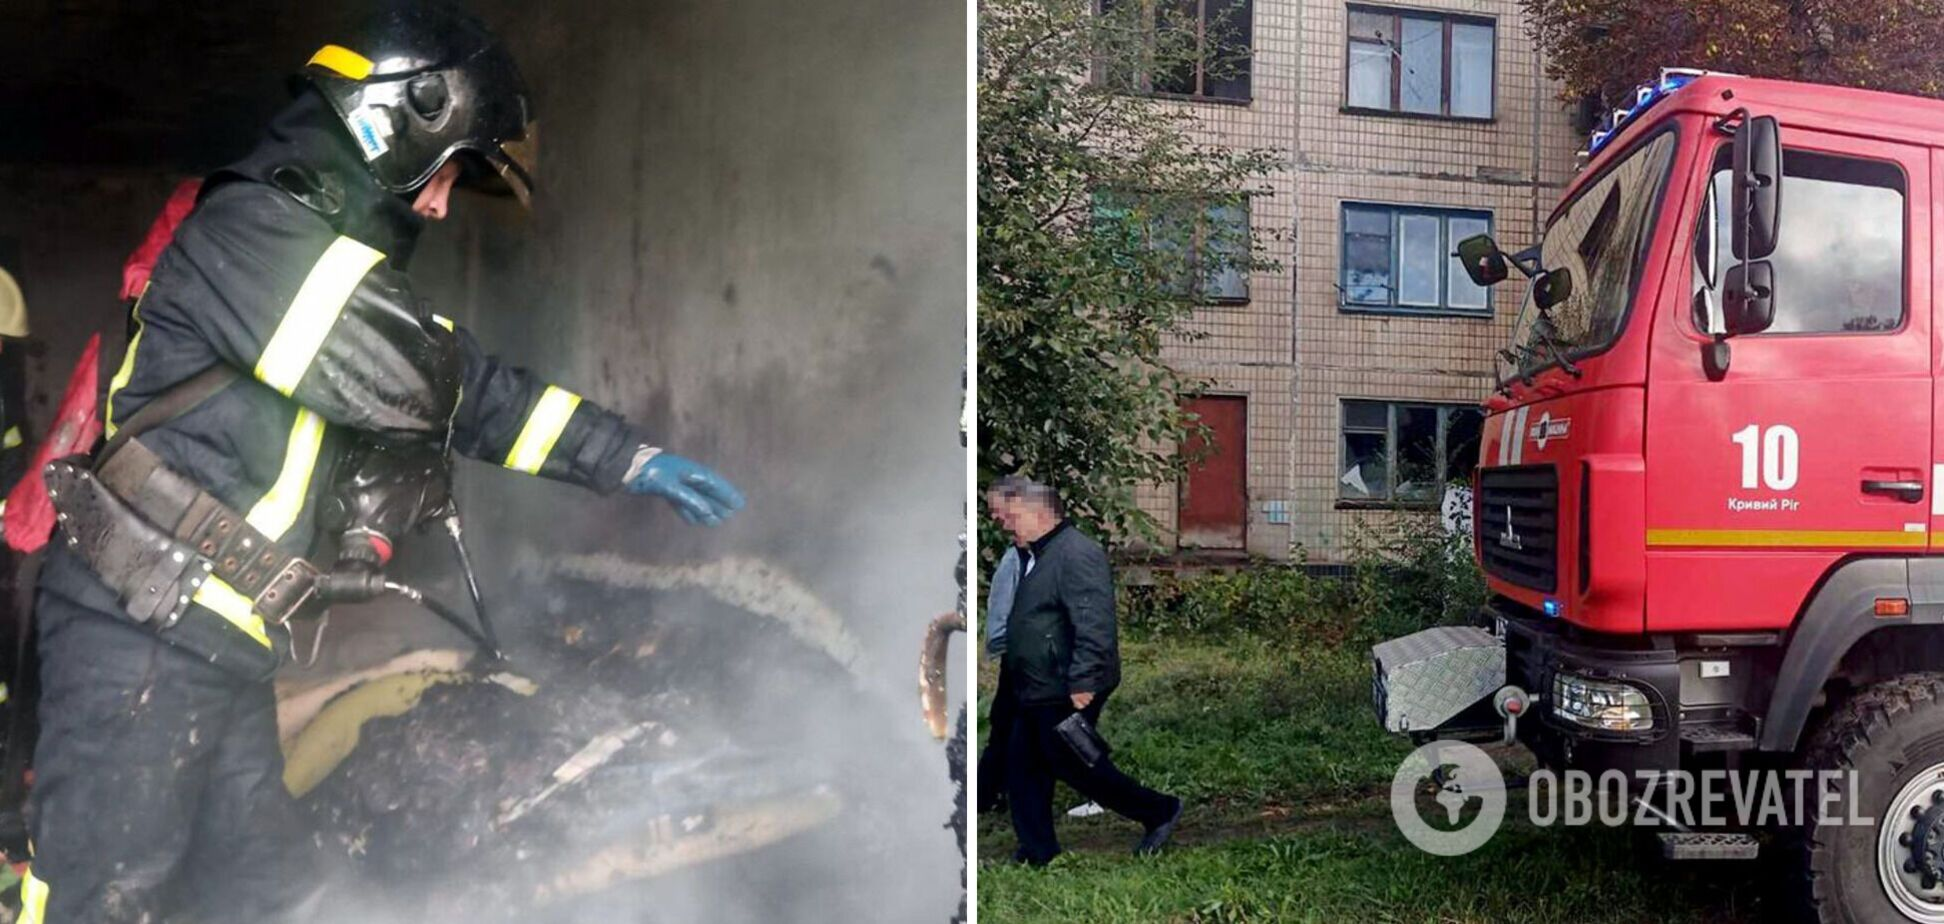 У Кривому Розі трапилася пожежа в гуртожитку для військовослужбовців. Фото та відео